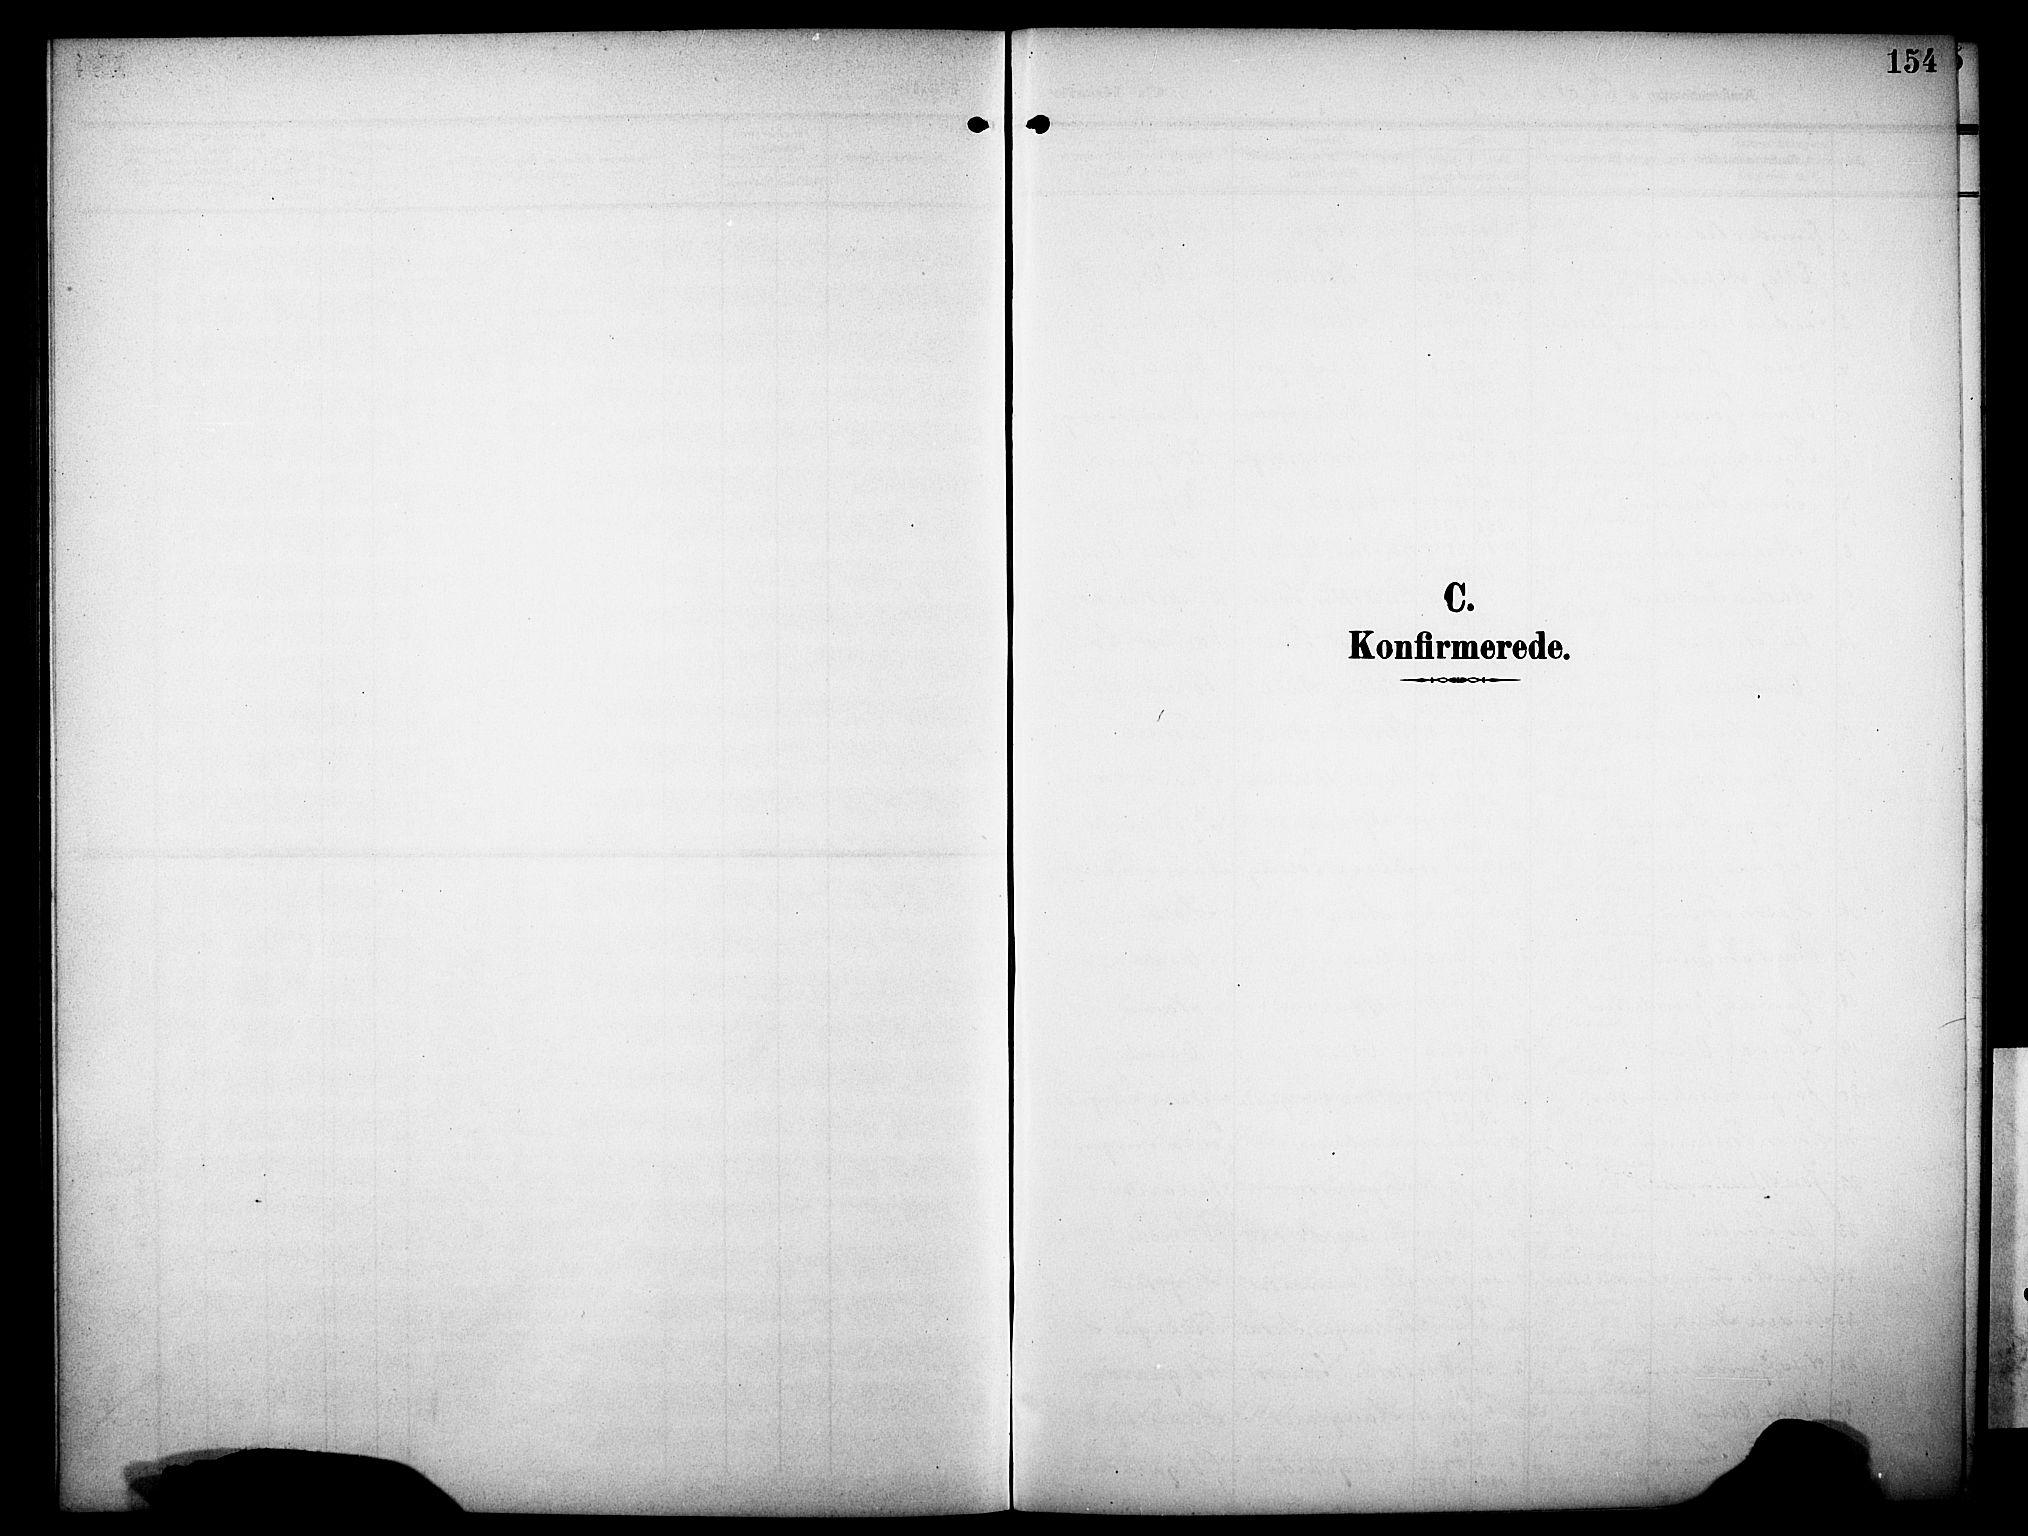 SAKO, Drangedal kirkebøker, G/Ga/L0004: Klokkerbok nr. I 4, 1901-1933, s. 154